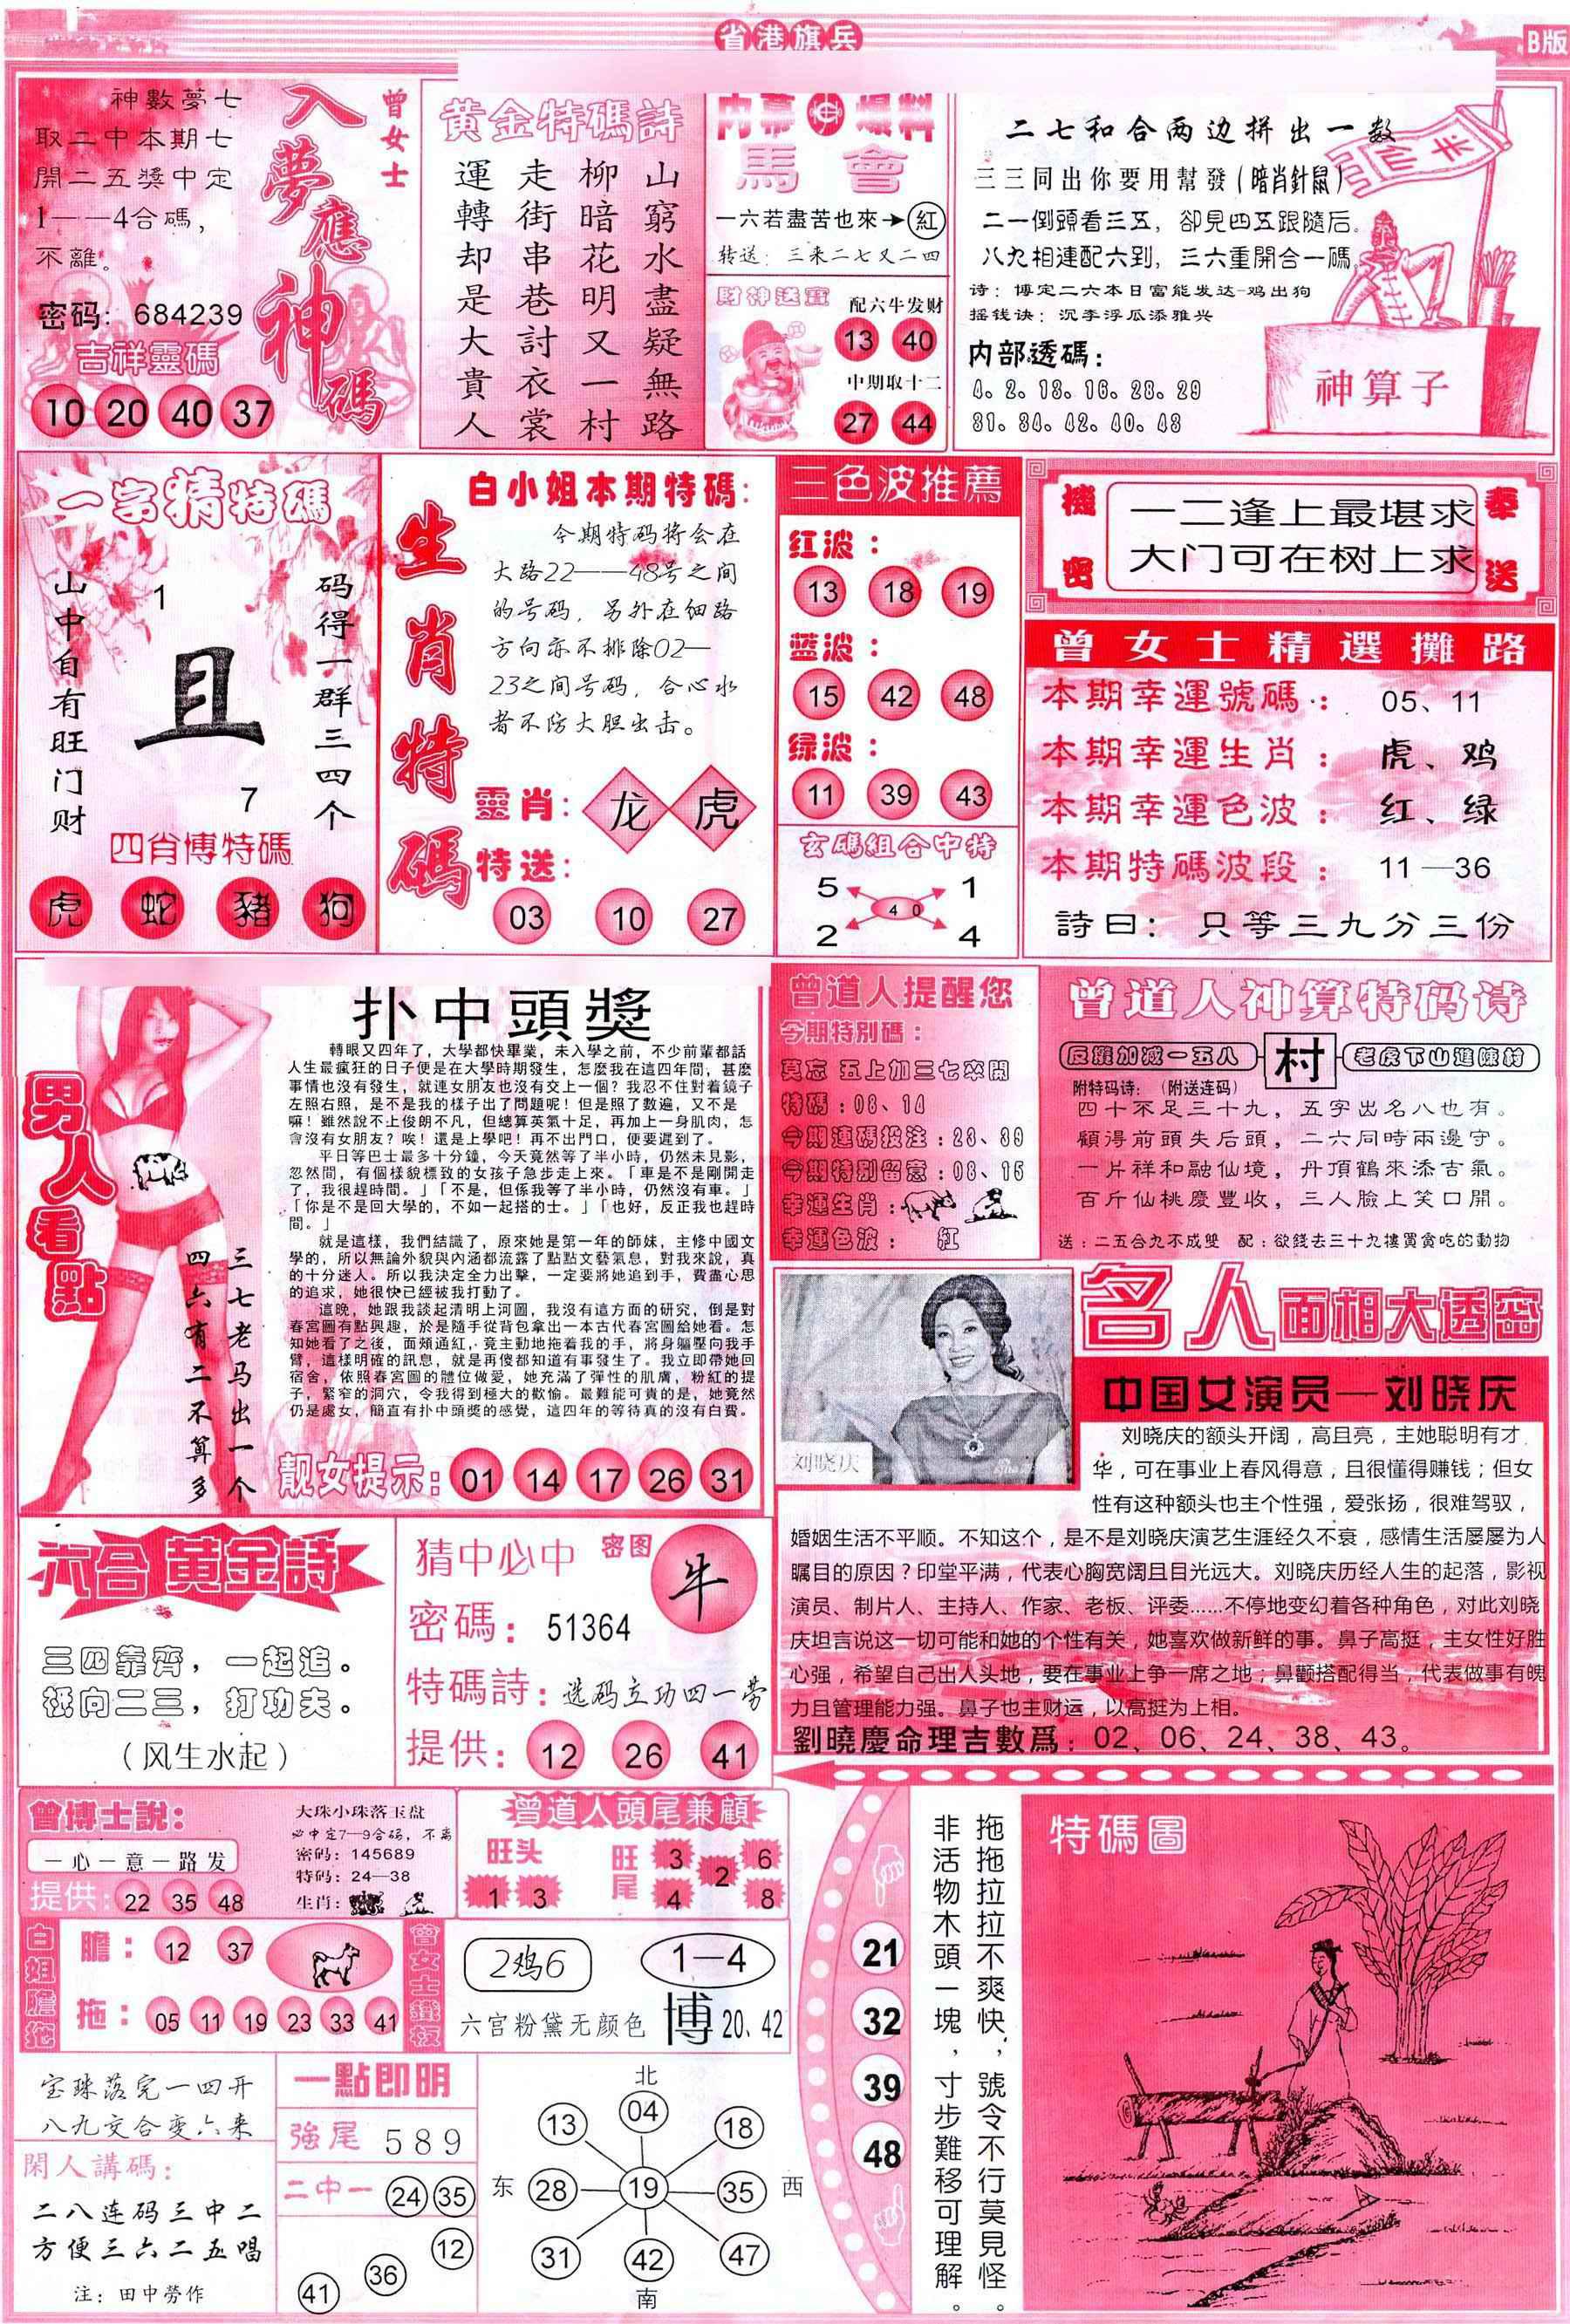 064期彩道B(保证香港版)